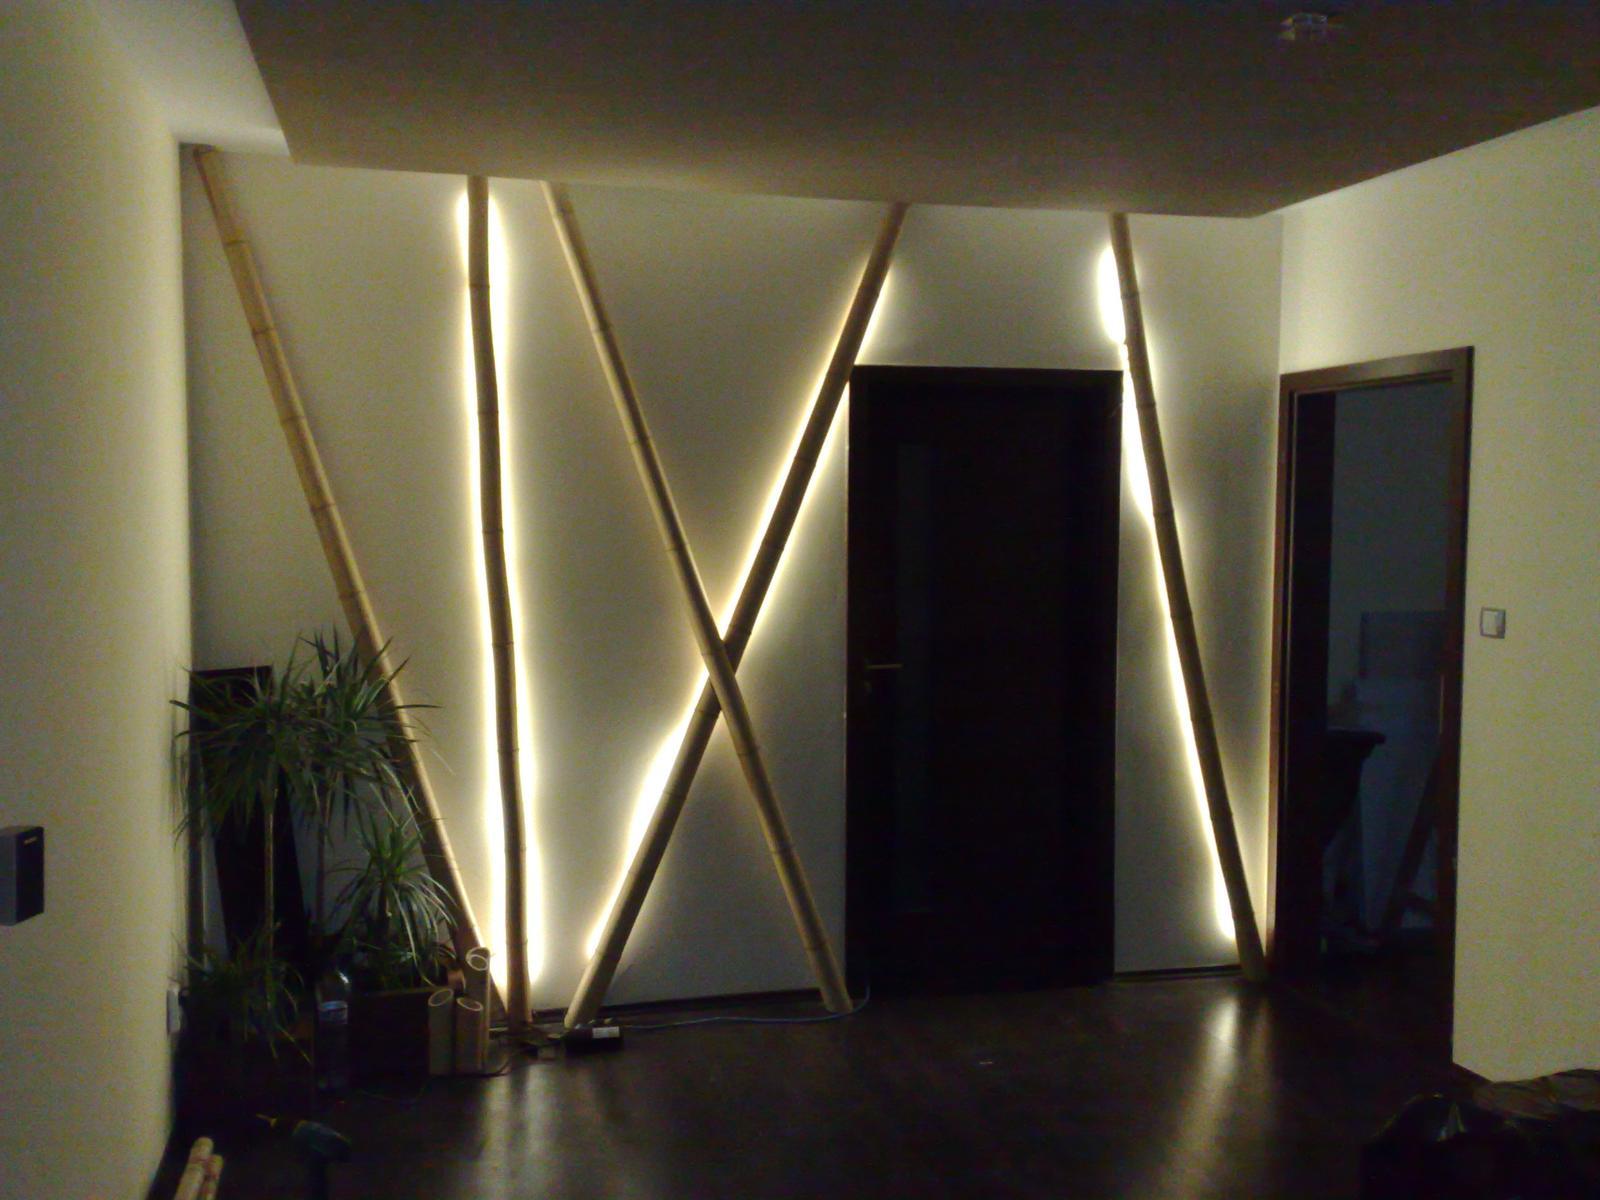 Nábytok - Podsvietené bambusi v obývacej izbe